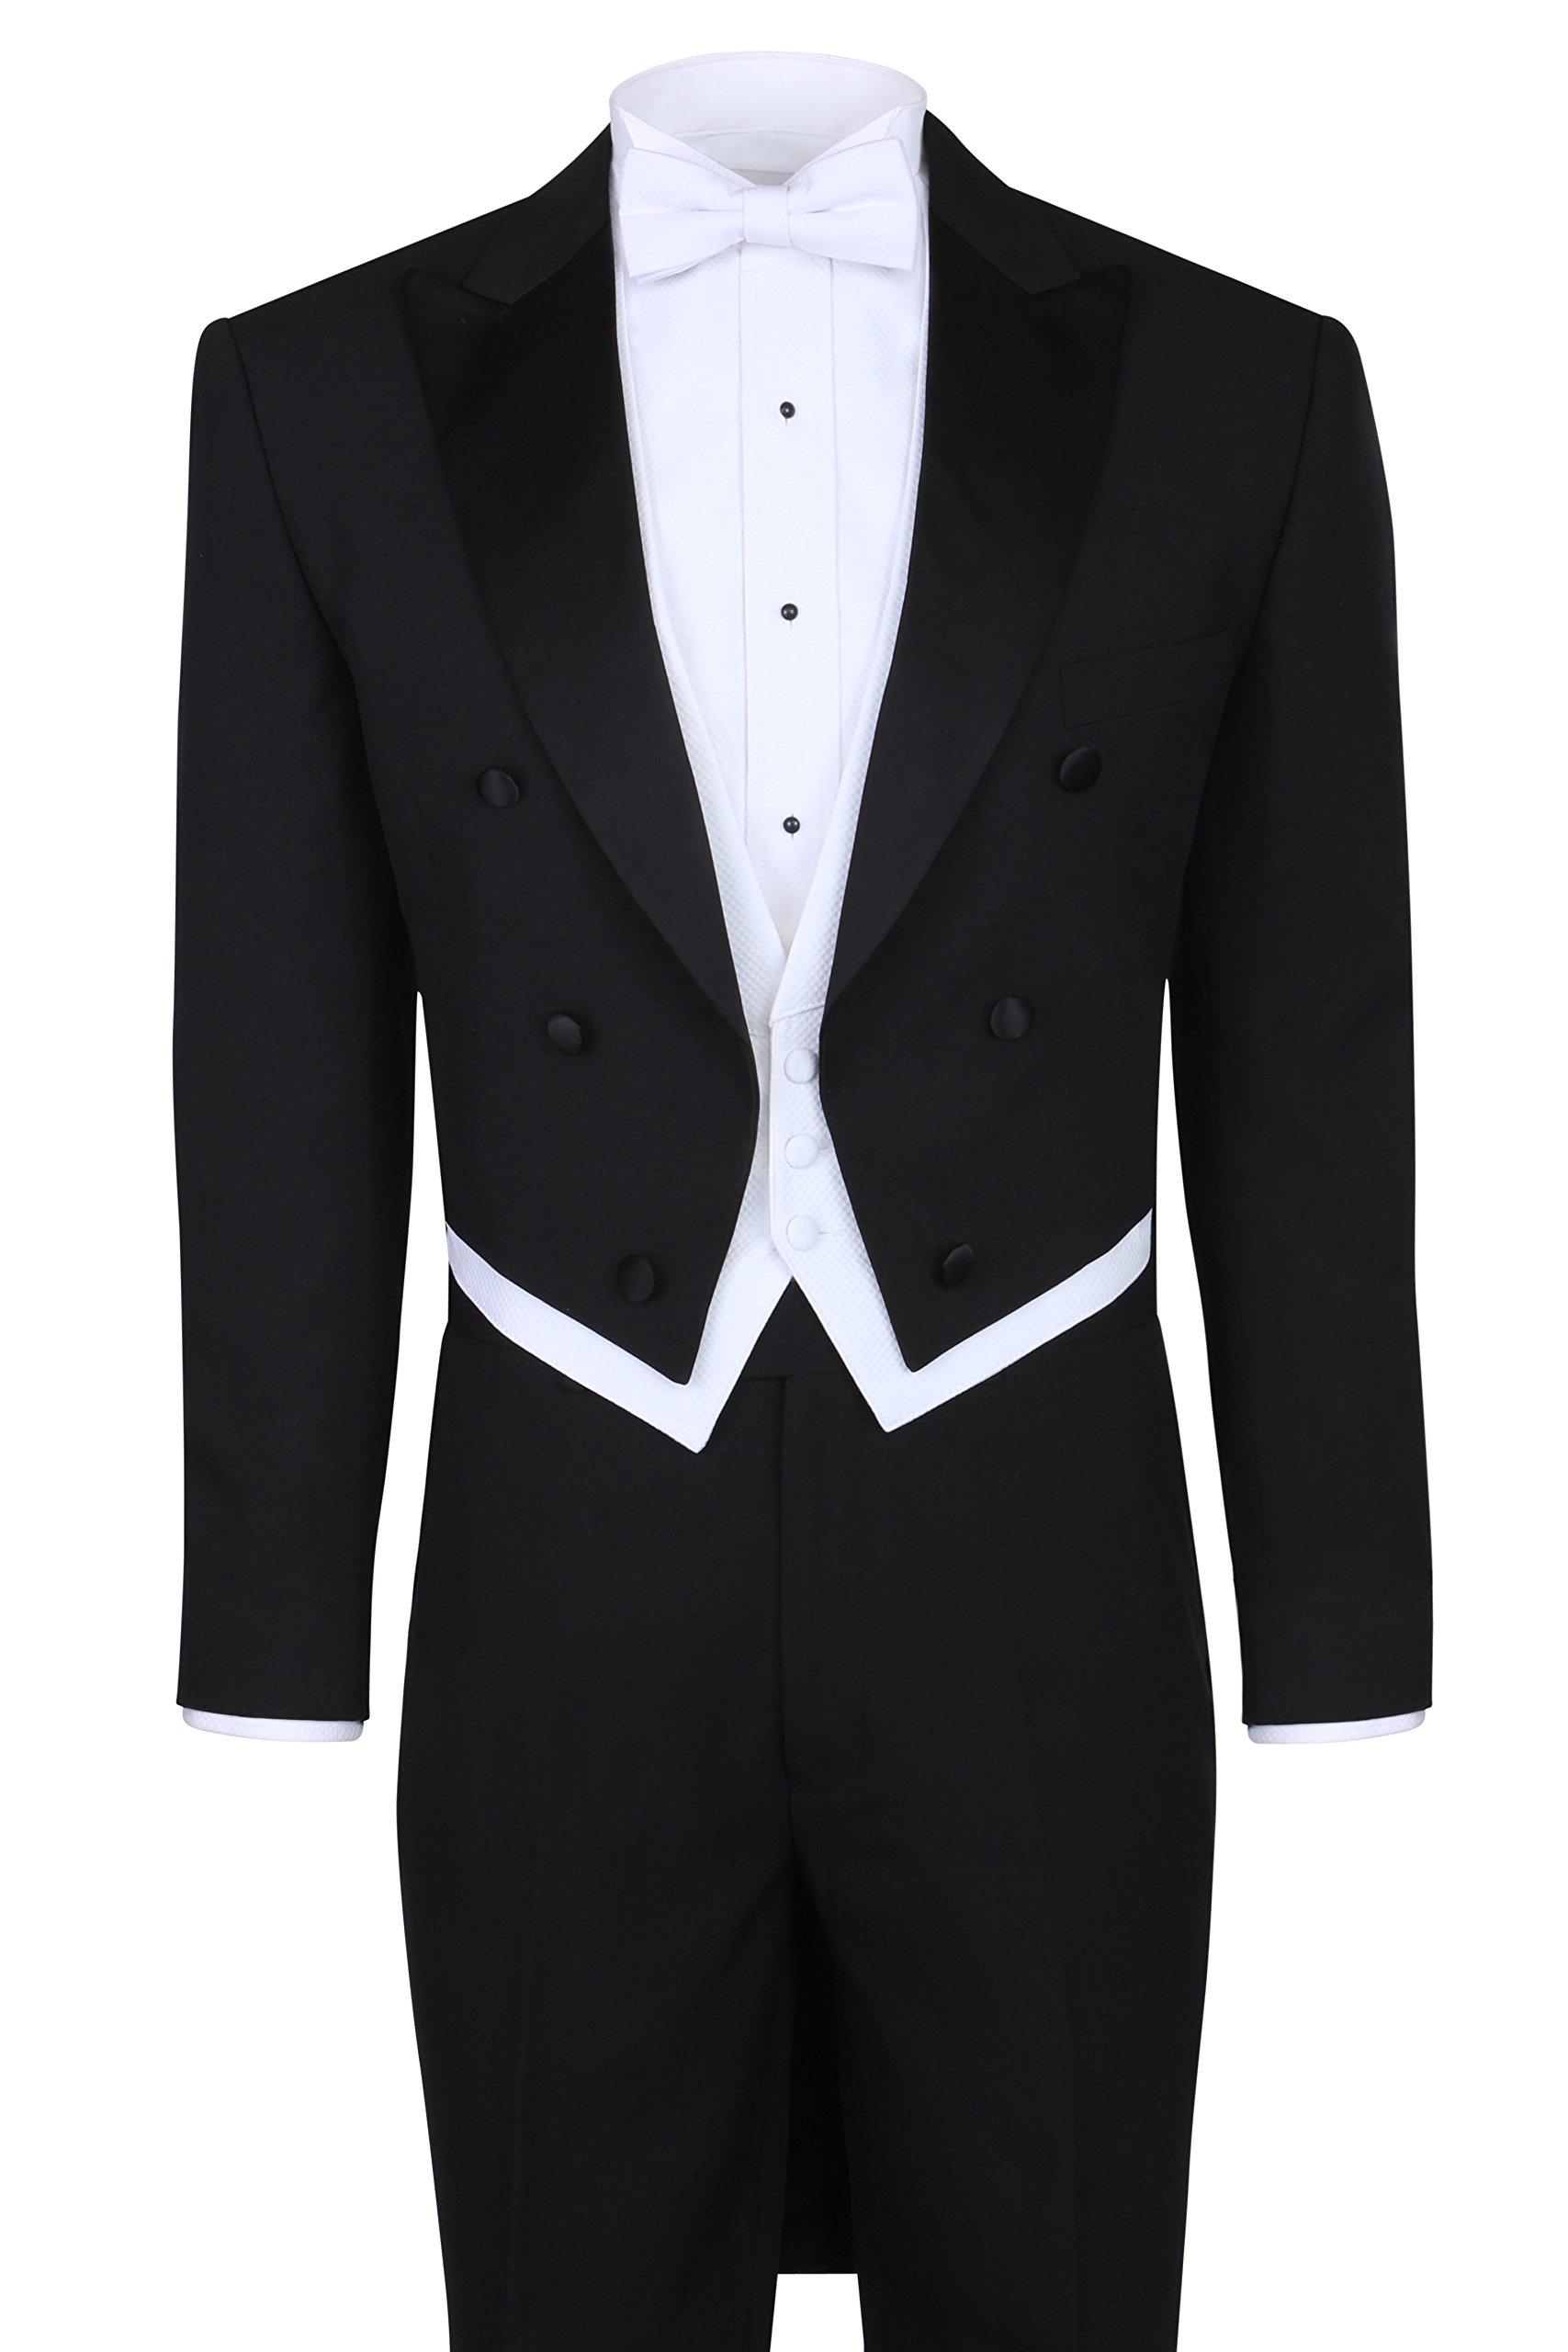 S.H. Churchill & Co. Black Tailcoat Tuxedo & Tuxedo Pants - 44 Regular